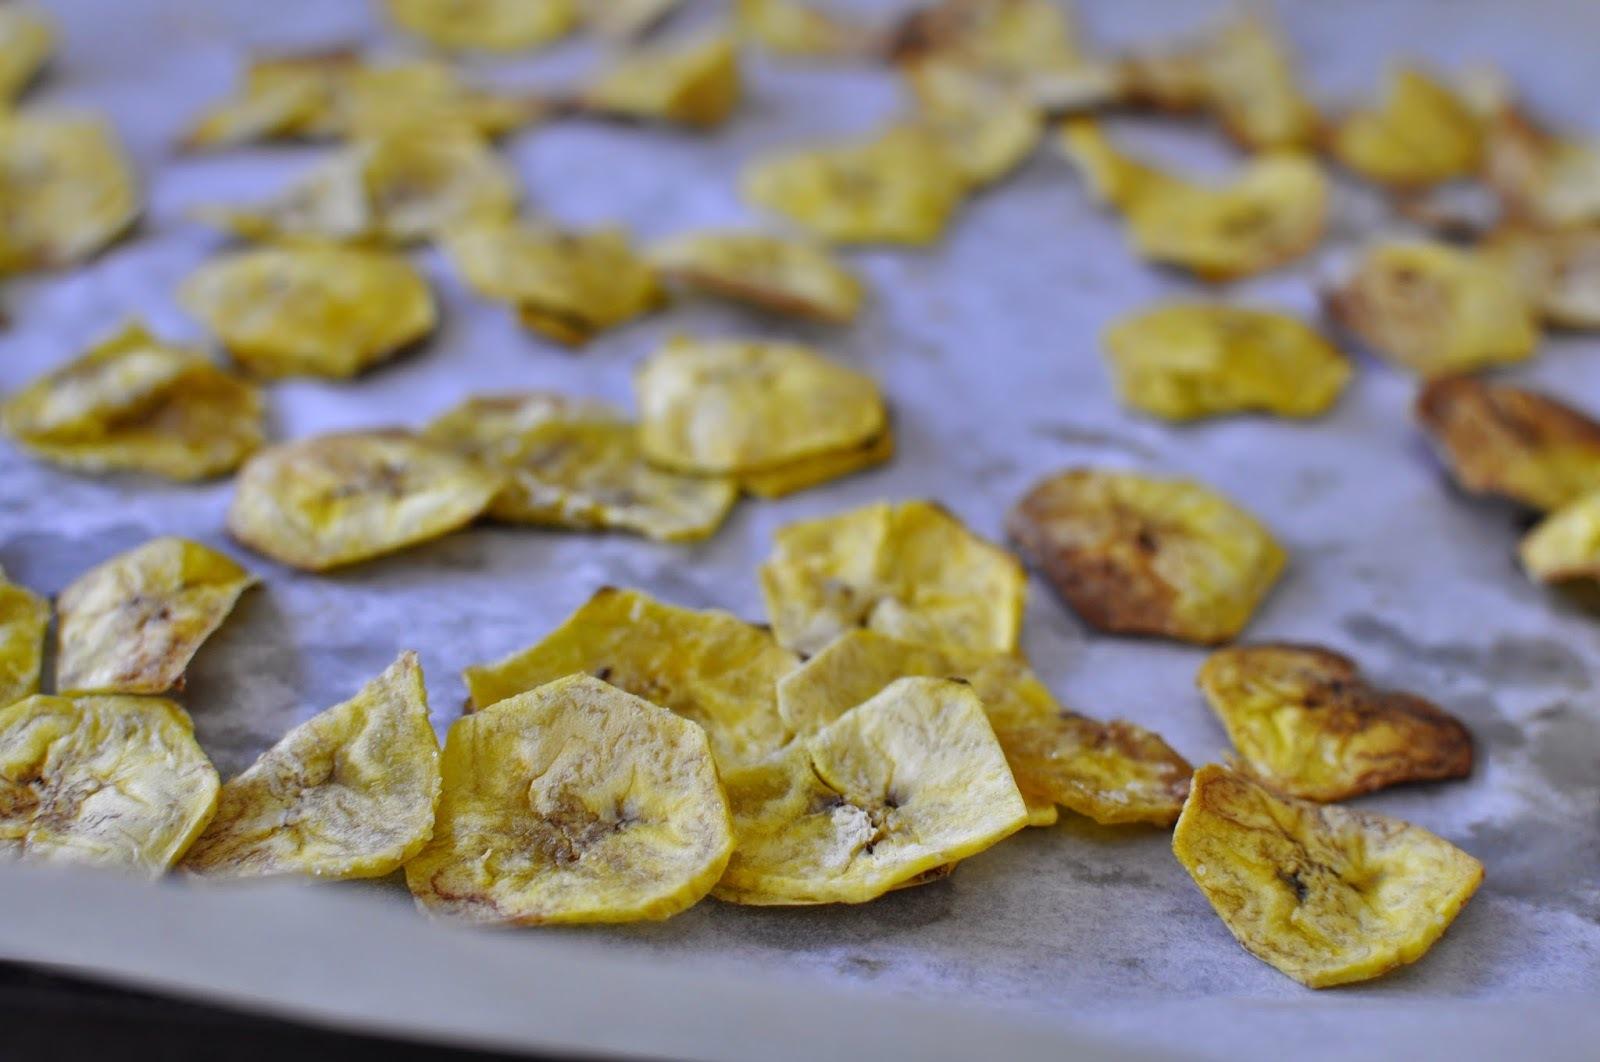 Chips de plátanos verdes al horno